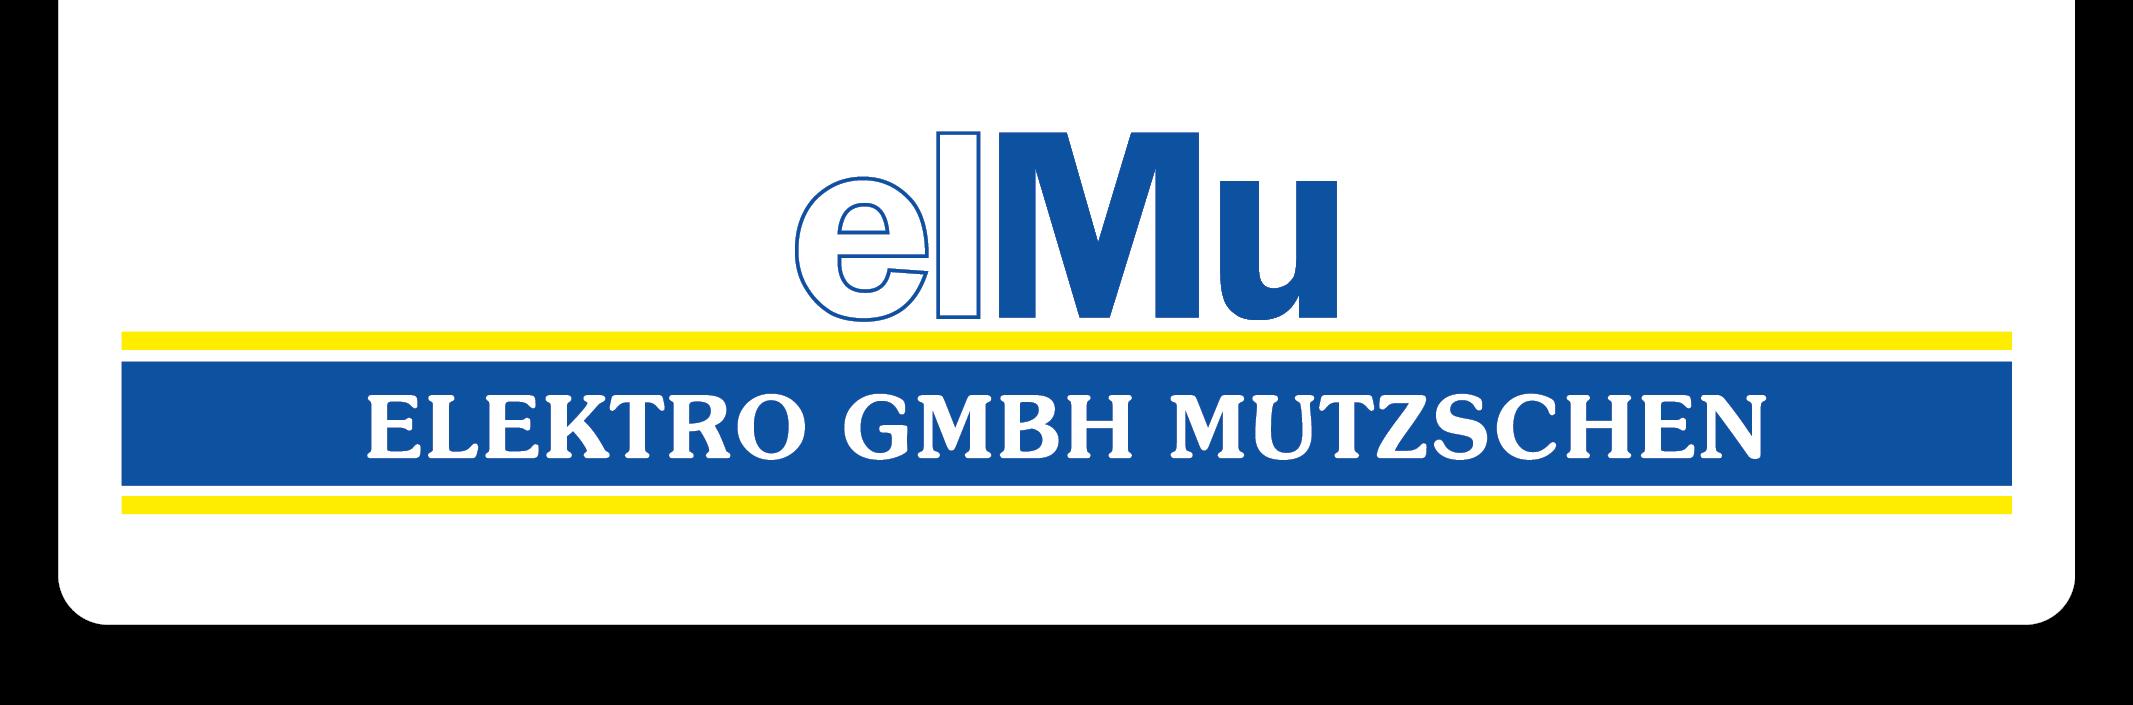 Elektro GmbH Mutzschen